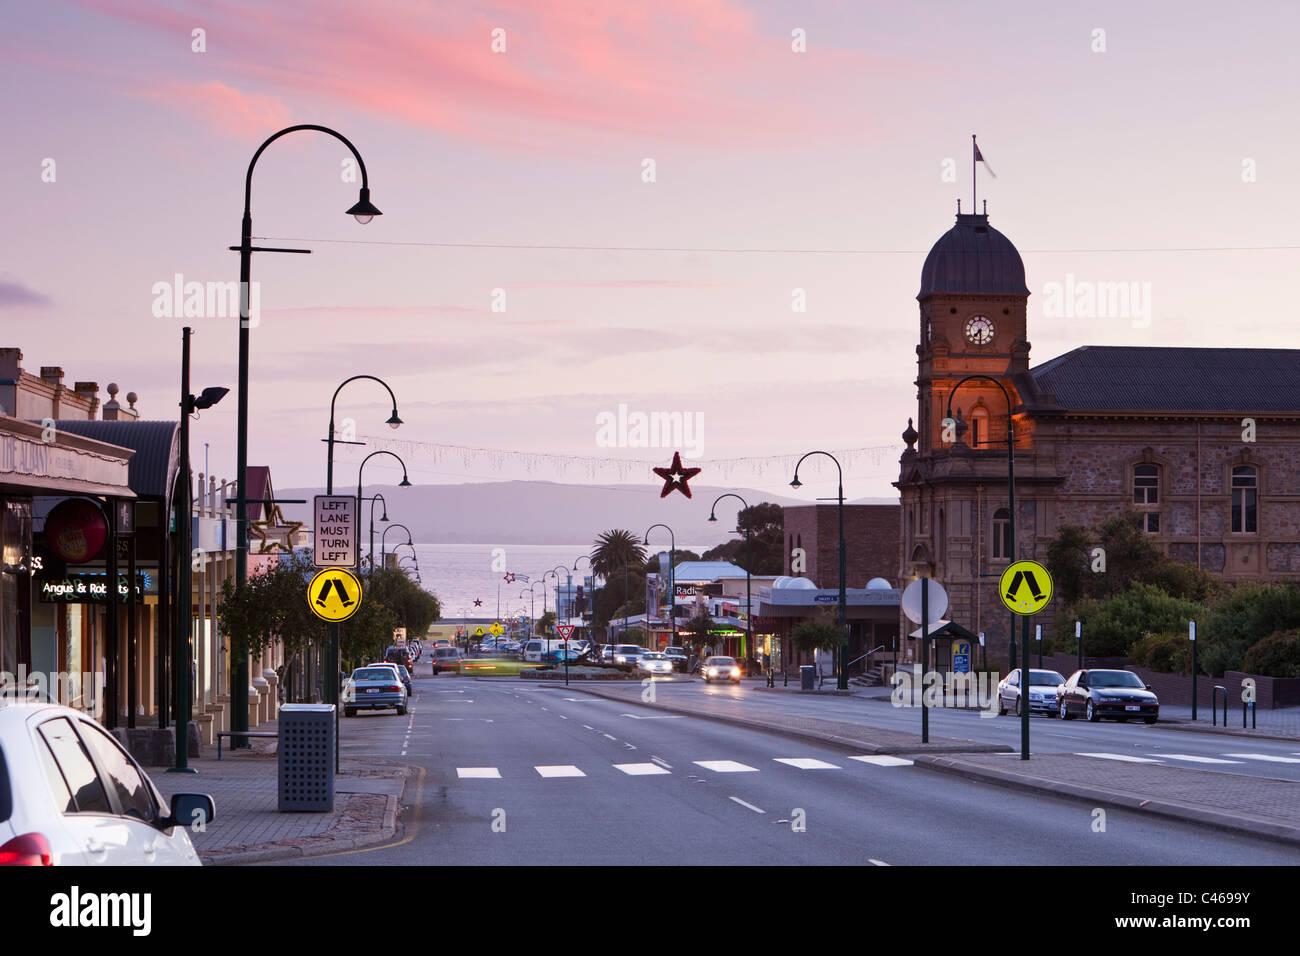 Vista del Municipio e York Street al crepuscolo. Albany, Australia occidentale, Australia Foto Stock